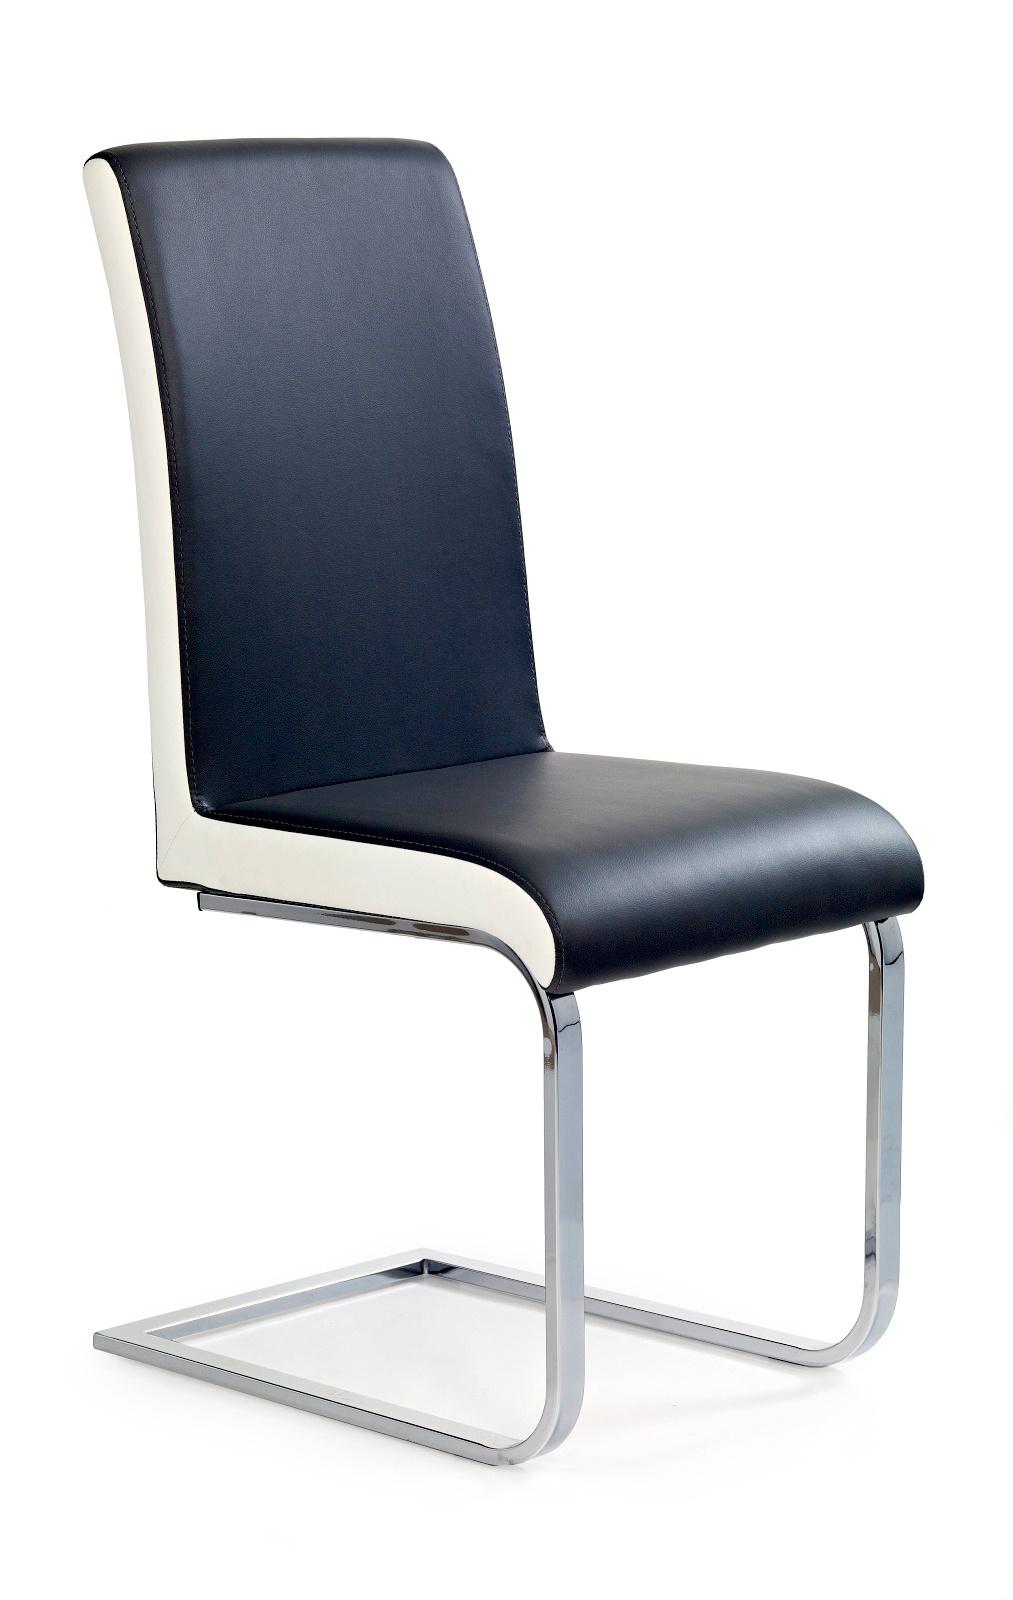 Jídelní židle - Halmar - K103 černá + bílá